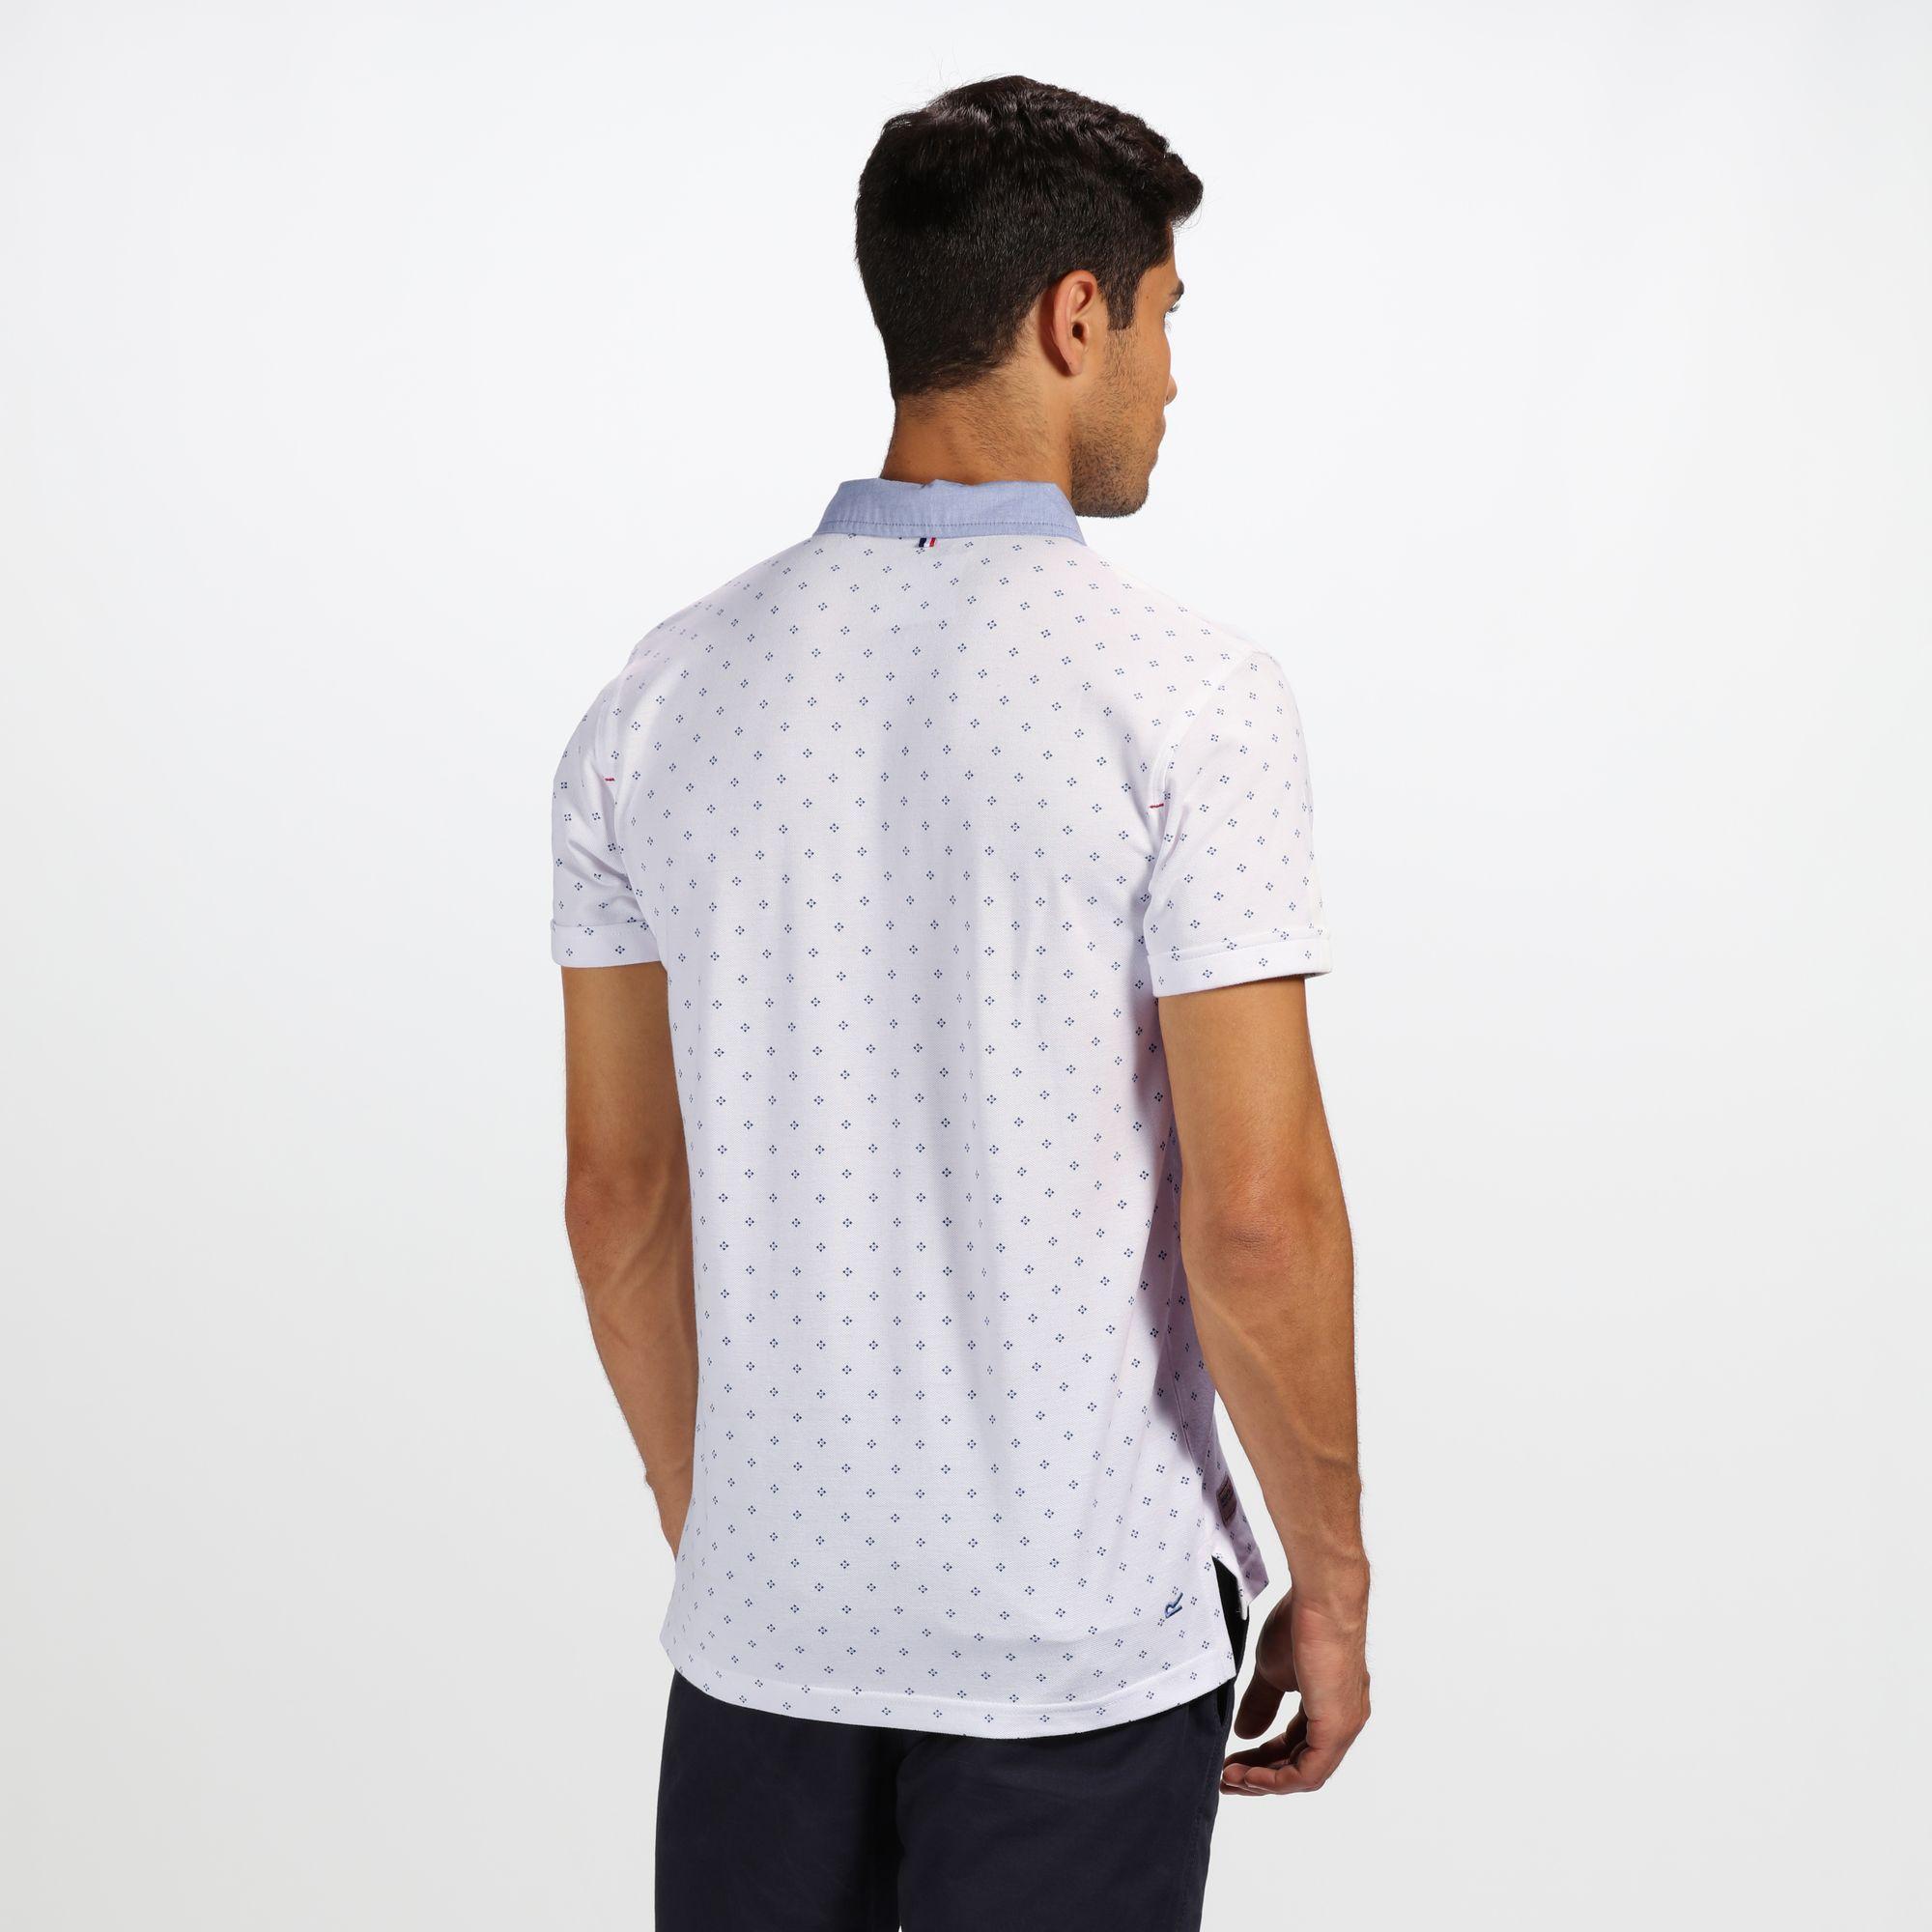 Regatta-Mens-Bahram-Polo-Shirt-RG4205 thumbnail 12